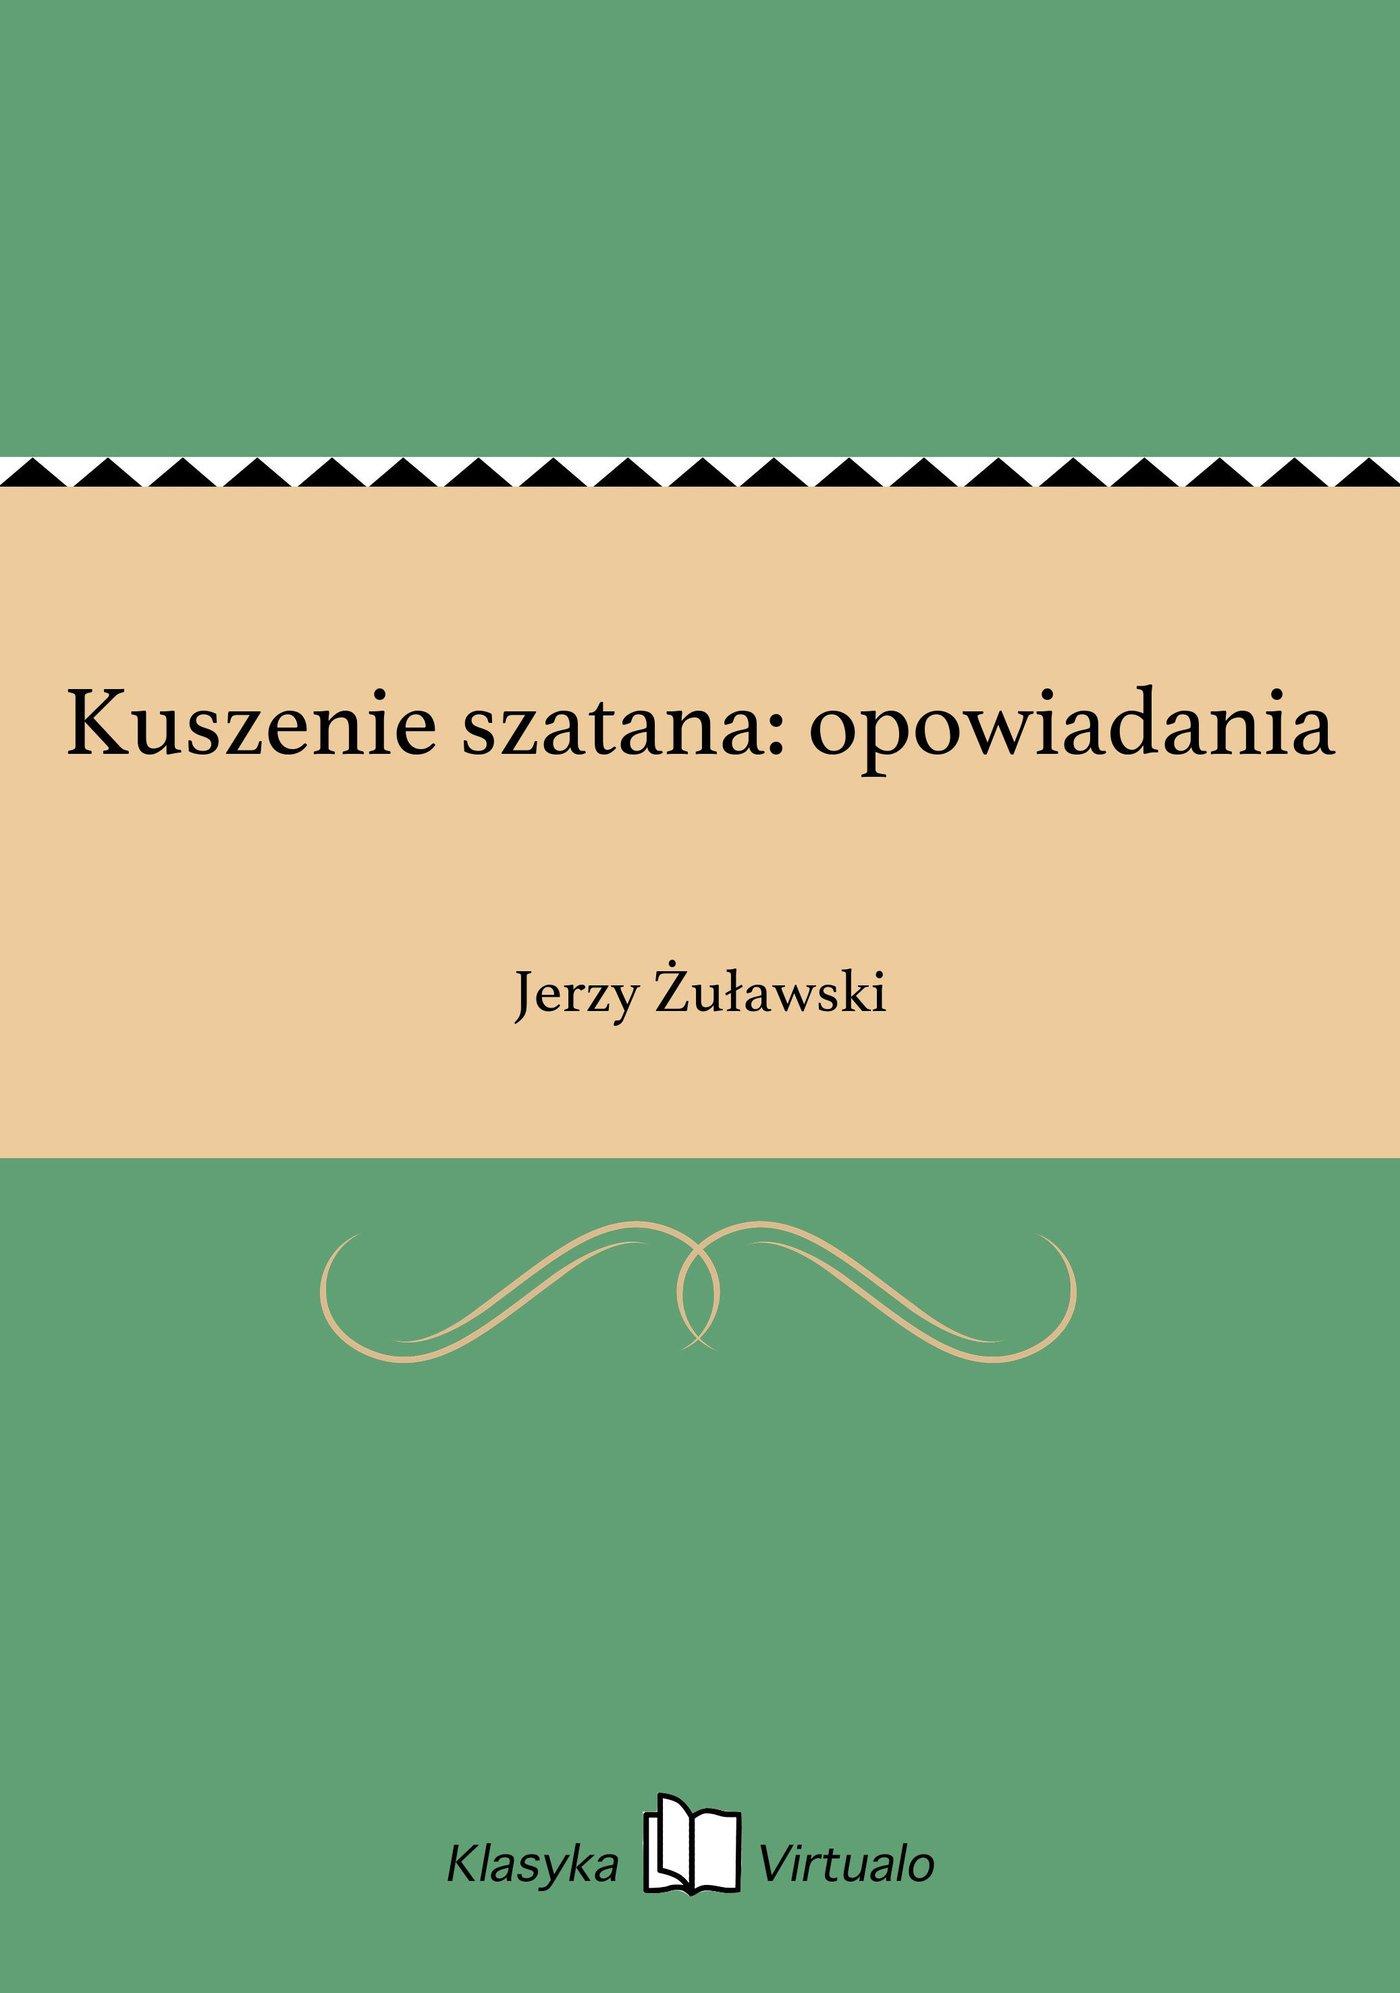 Kuszenie szatana: opowiadania - Ebook (Książka EPUB) do pobrania w formacie EPUB